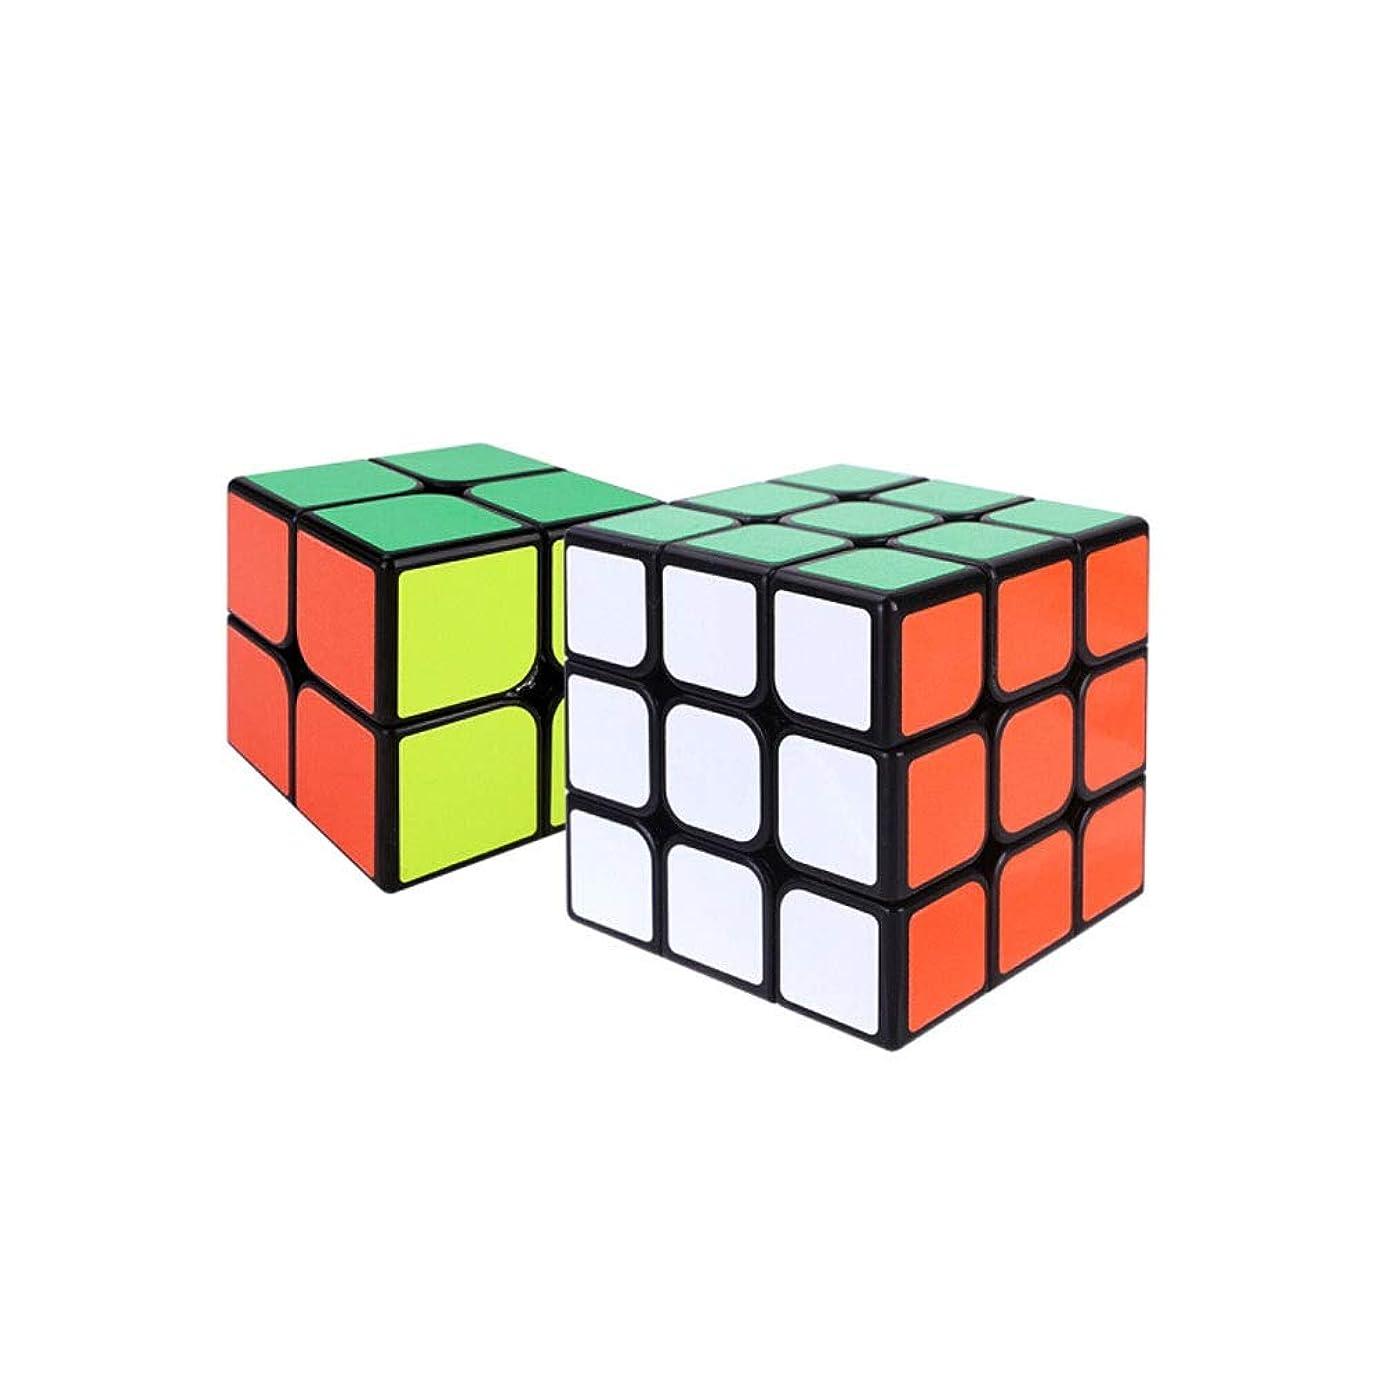 風が強い差別的シャーロックホームズJinnuotong ルービックキューブ、快適な雰囲気のデザインを使用した2つのパッケージ化された滑らかなルービックキューブ、高品質ABS素材(2次/ 3次) エレガントで快適 (Edition : Second order and Third order)